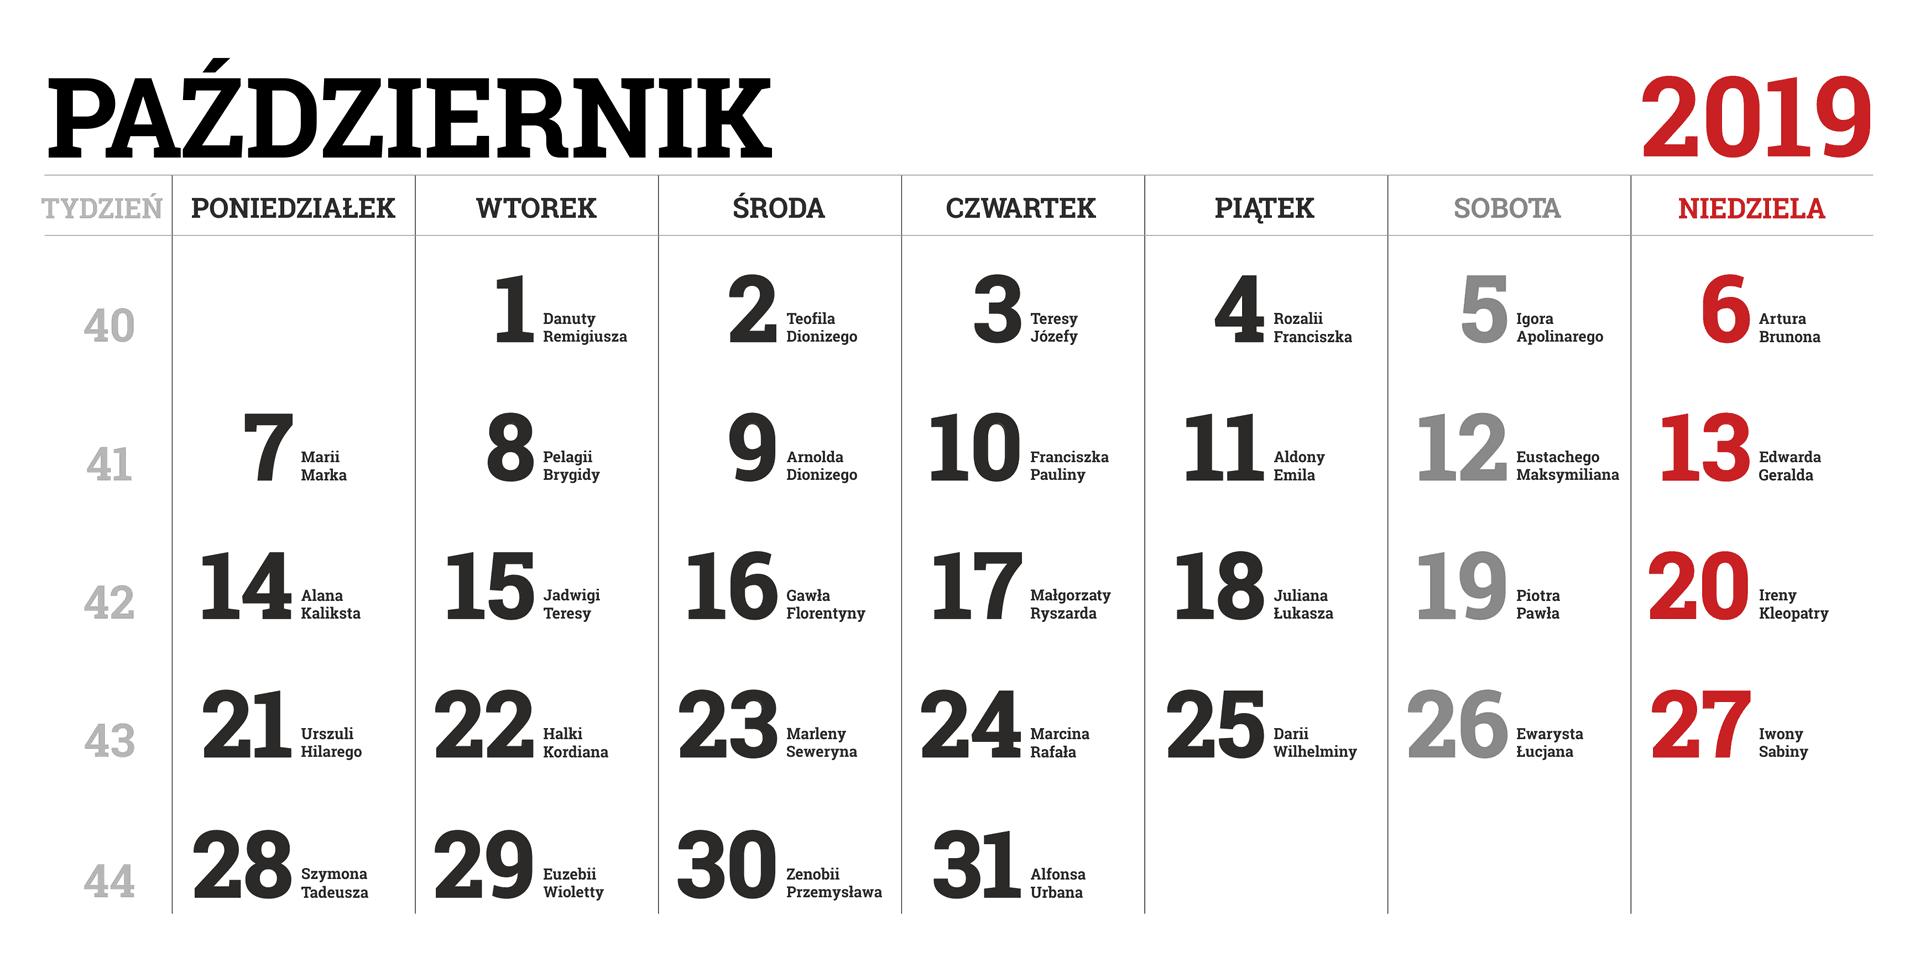 Kalendarium miesiąca października 2019 roku